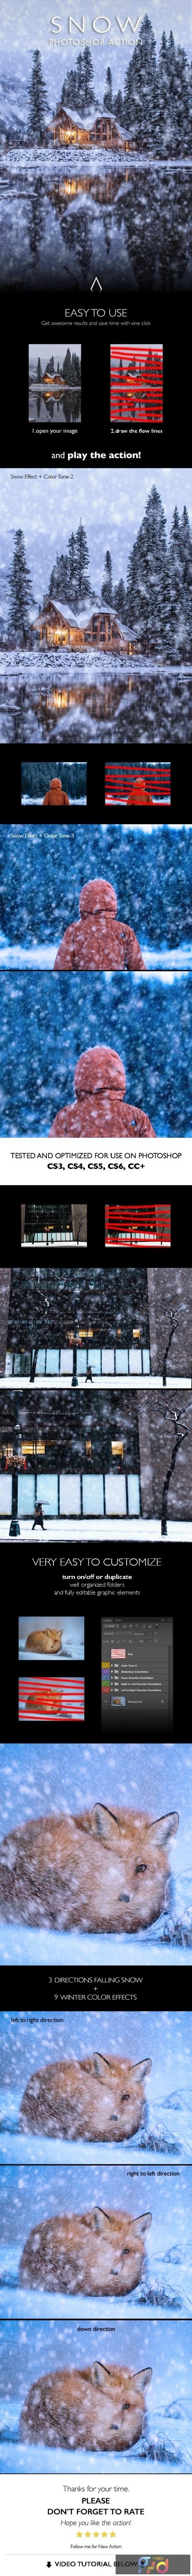 Snow Photoshop Action 25599566 1